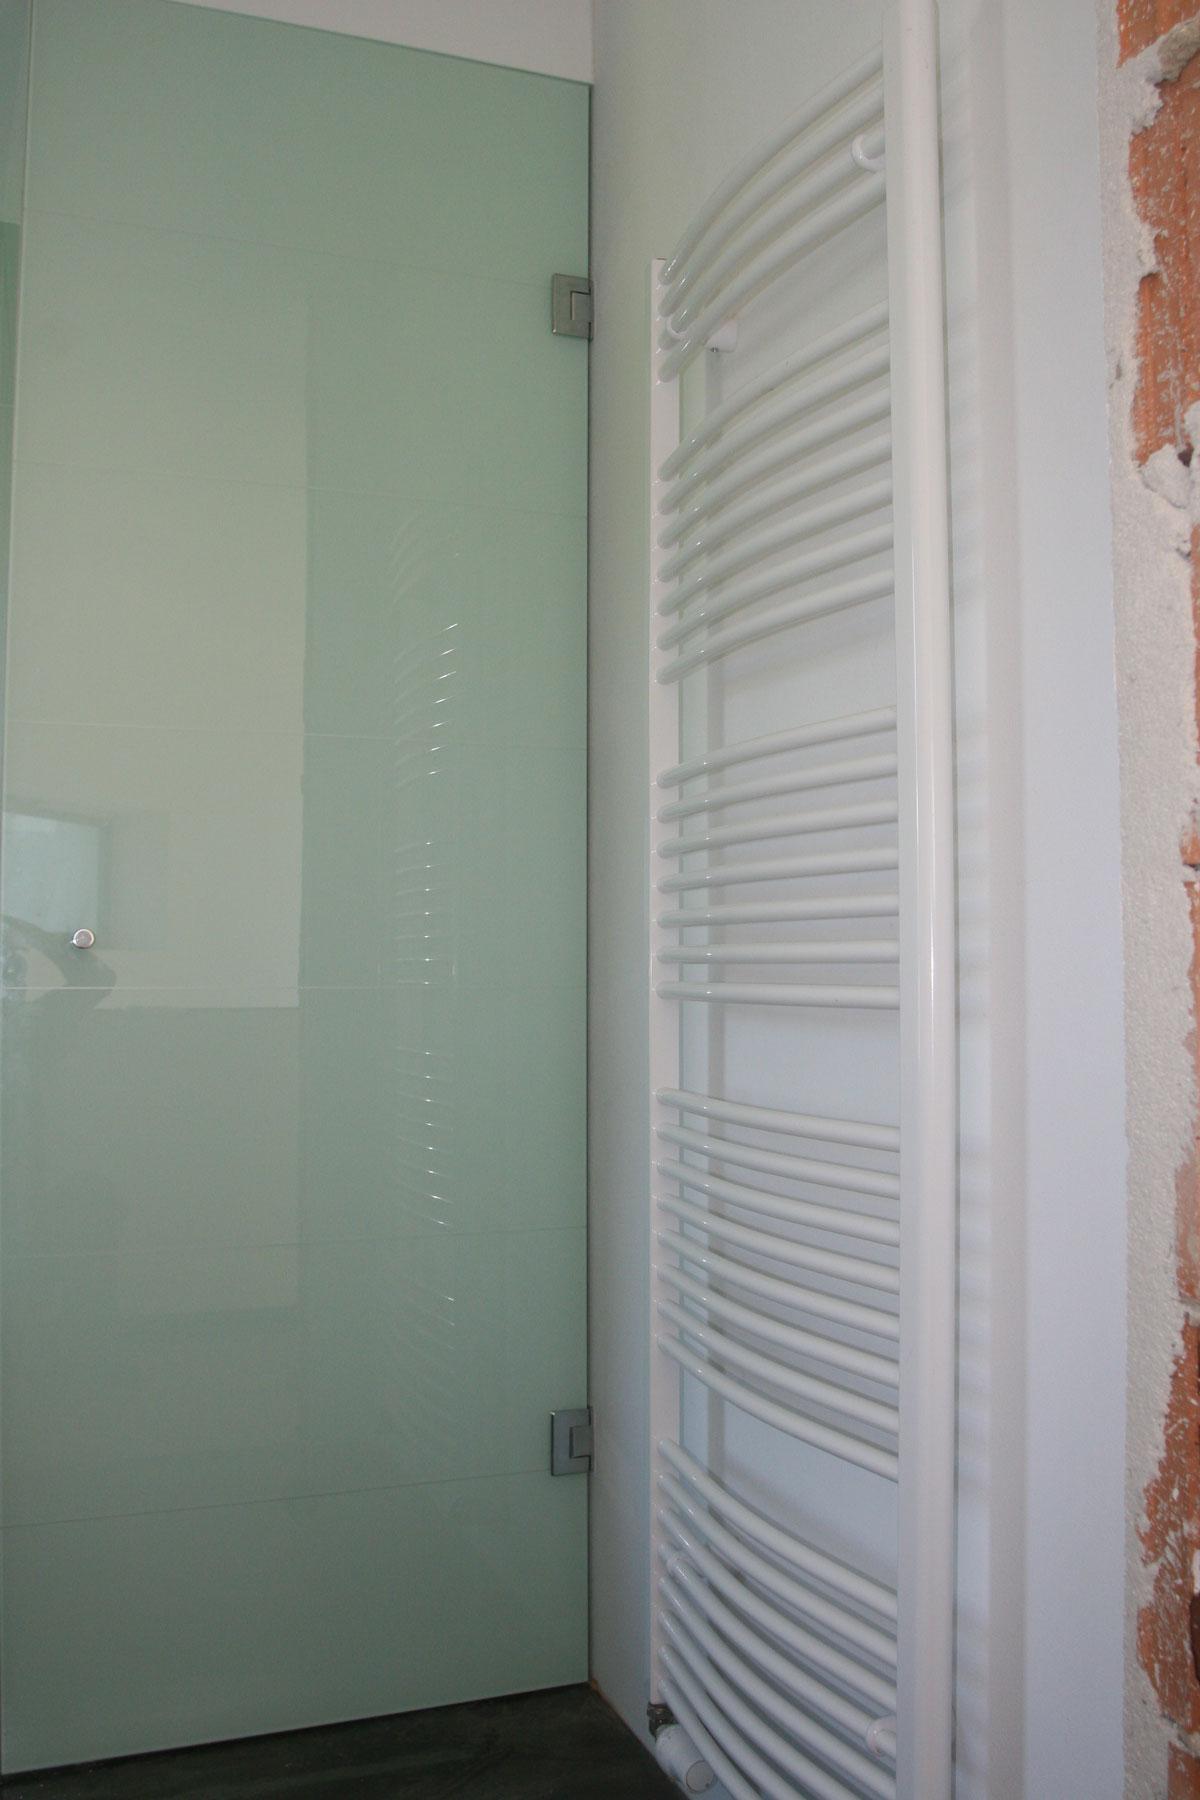 Sklenarstvi-Prerost-sprchove- kouty-a-sprchy (21)